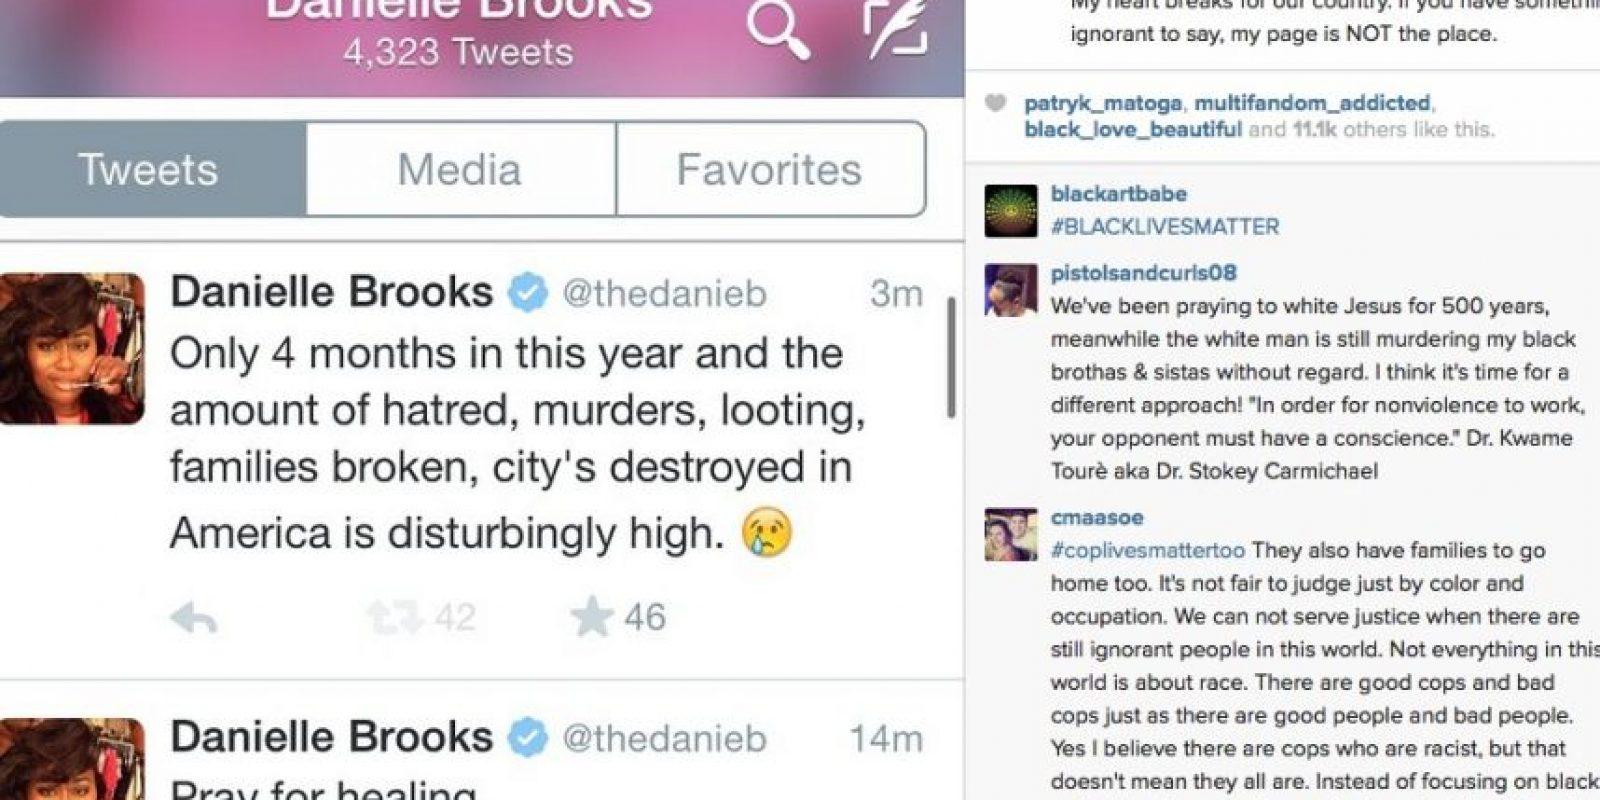 """""""Van solamente cuatro meses del año y la cantidad de asesinatos y familias destruidas es muy alto"""" Foto:Instagram.com/daniebb3"""